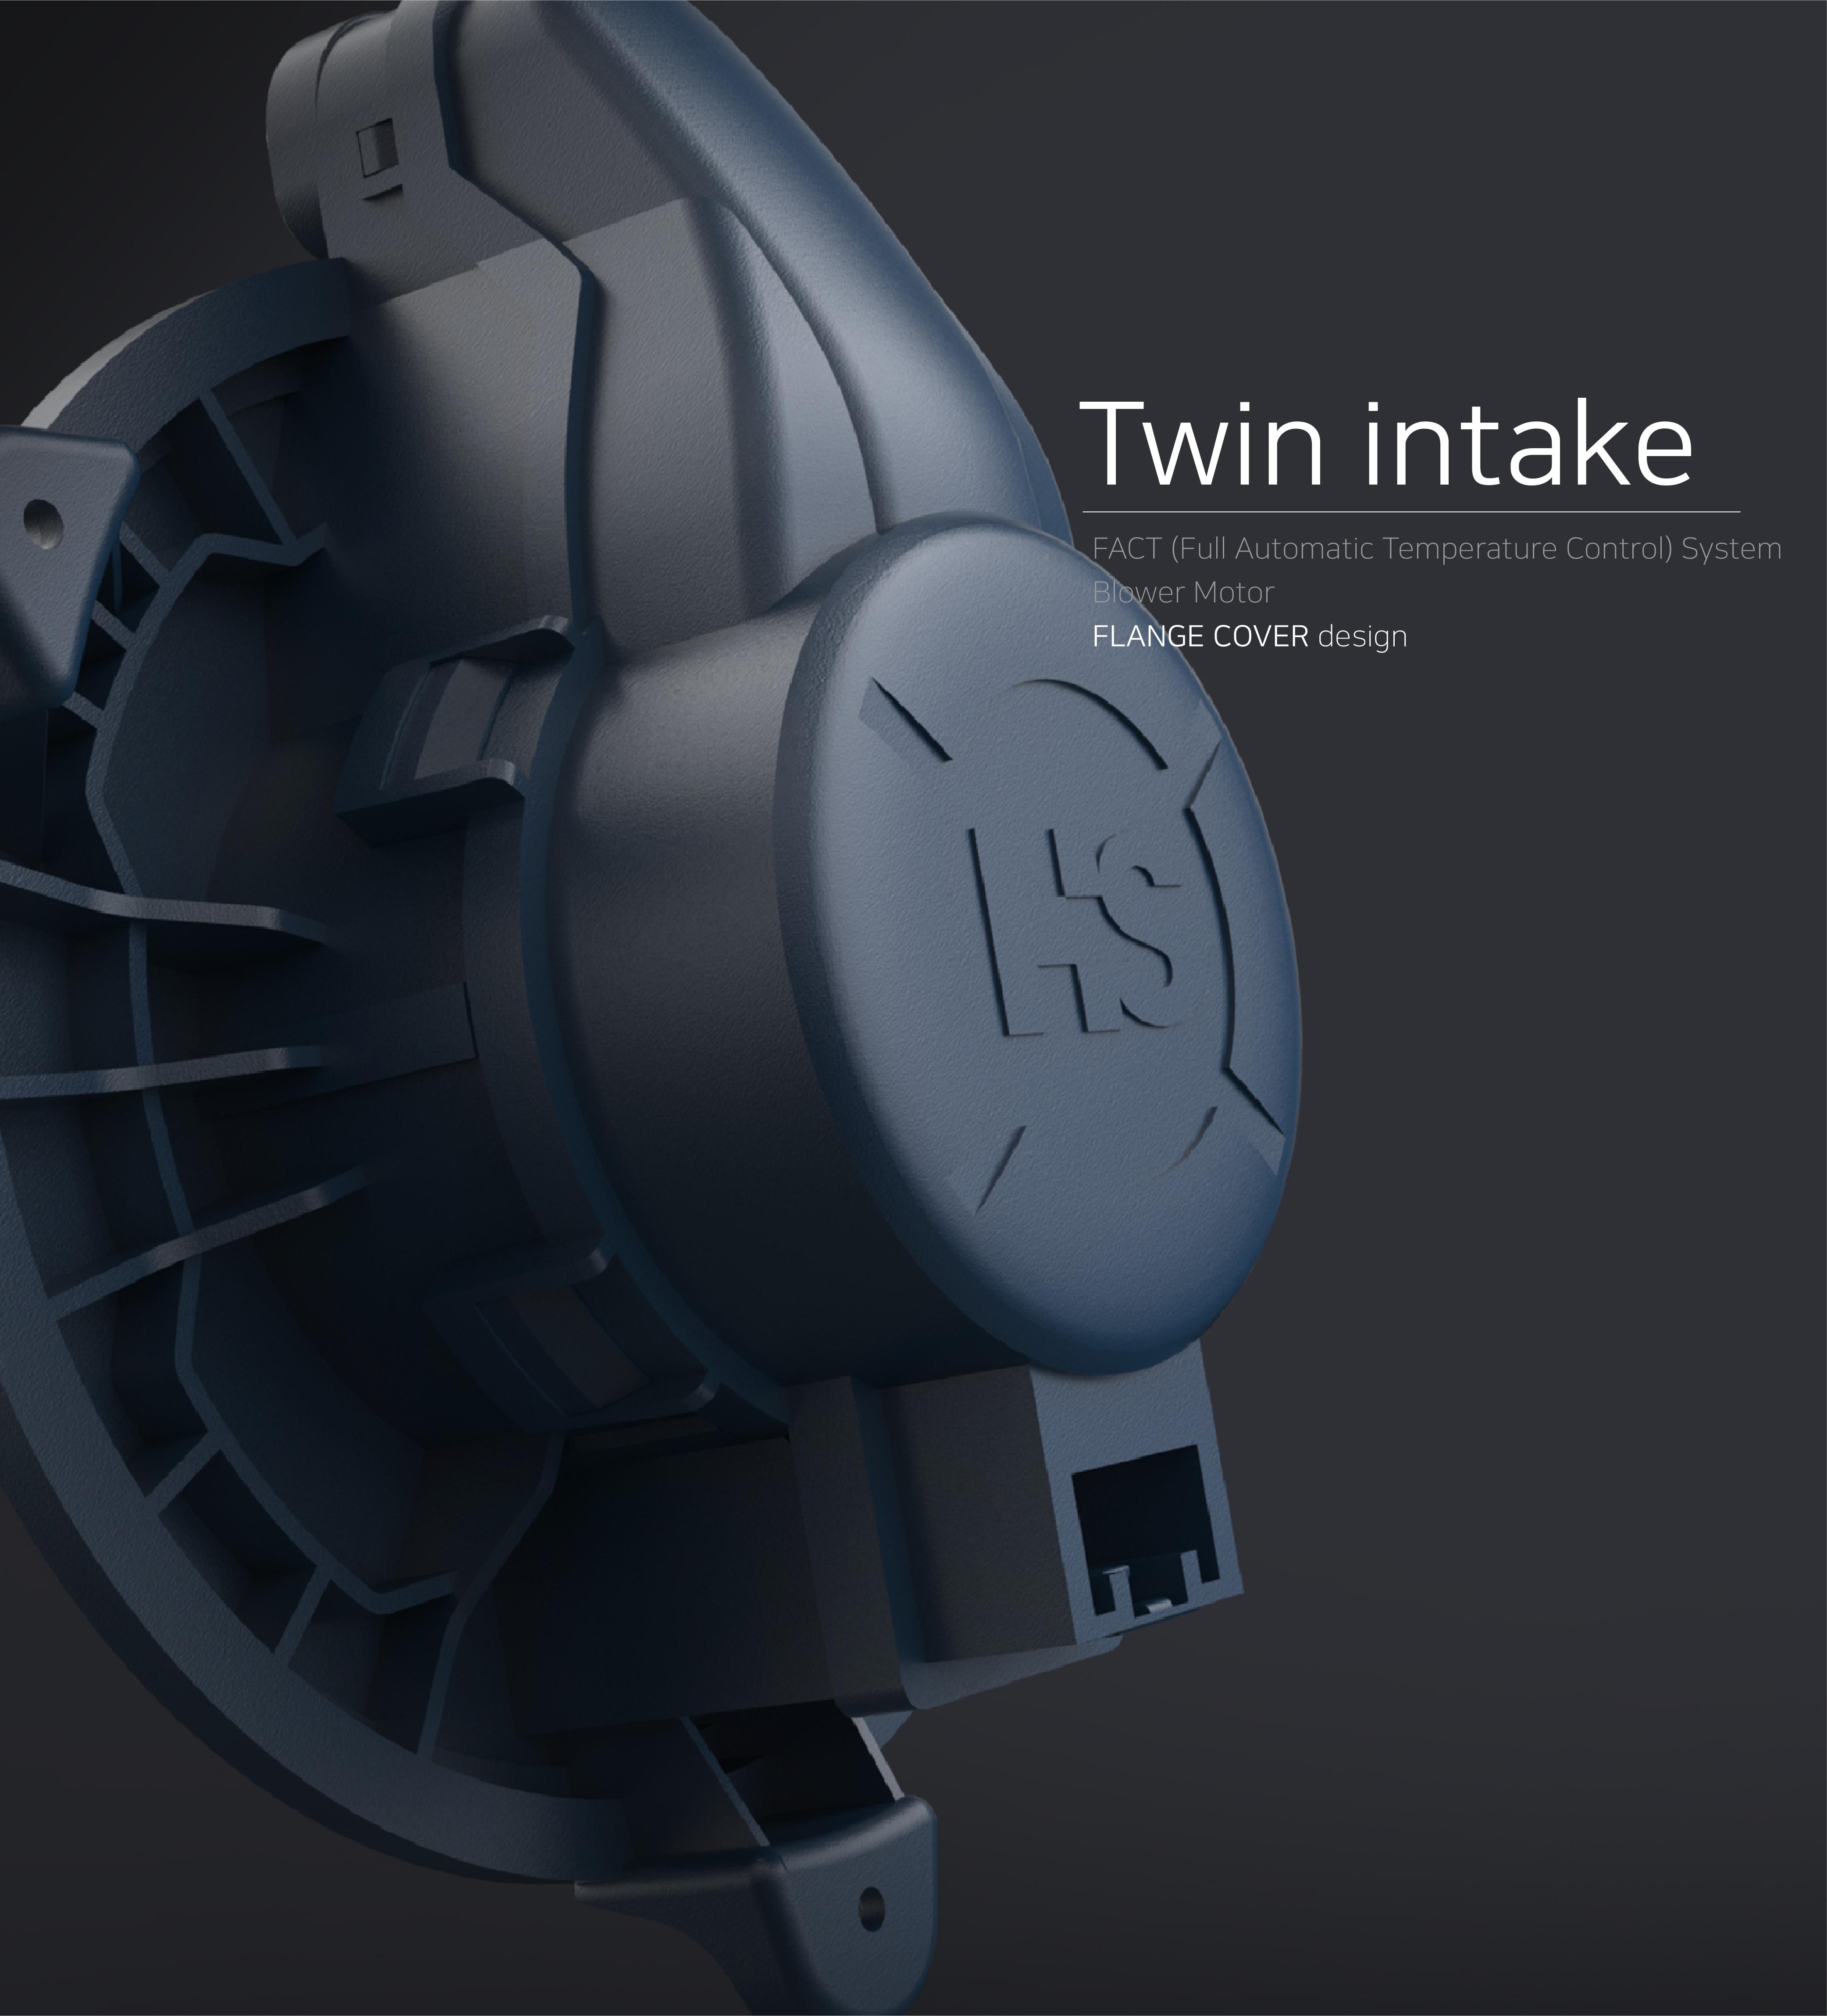 Twin intake